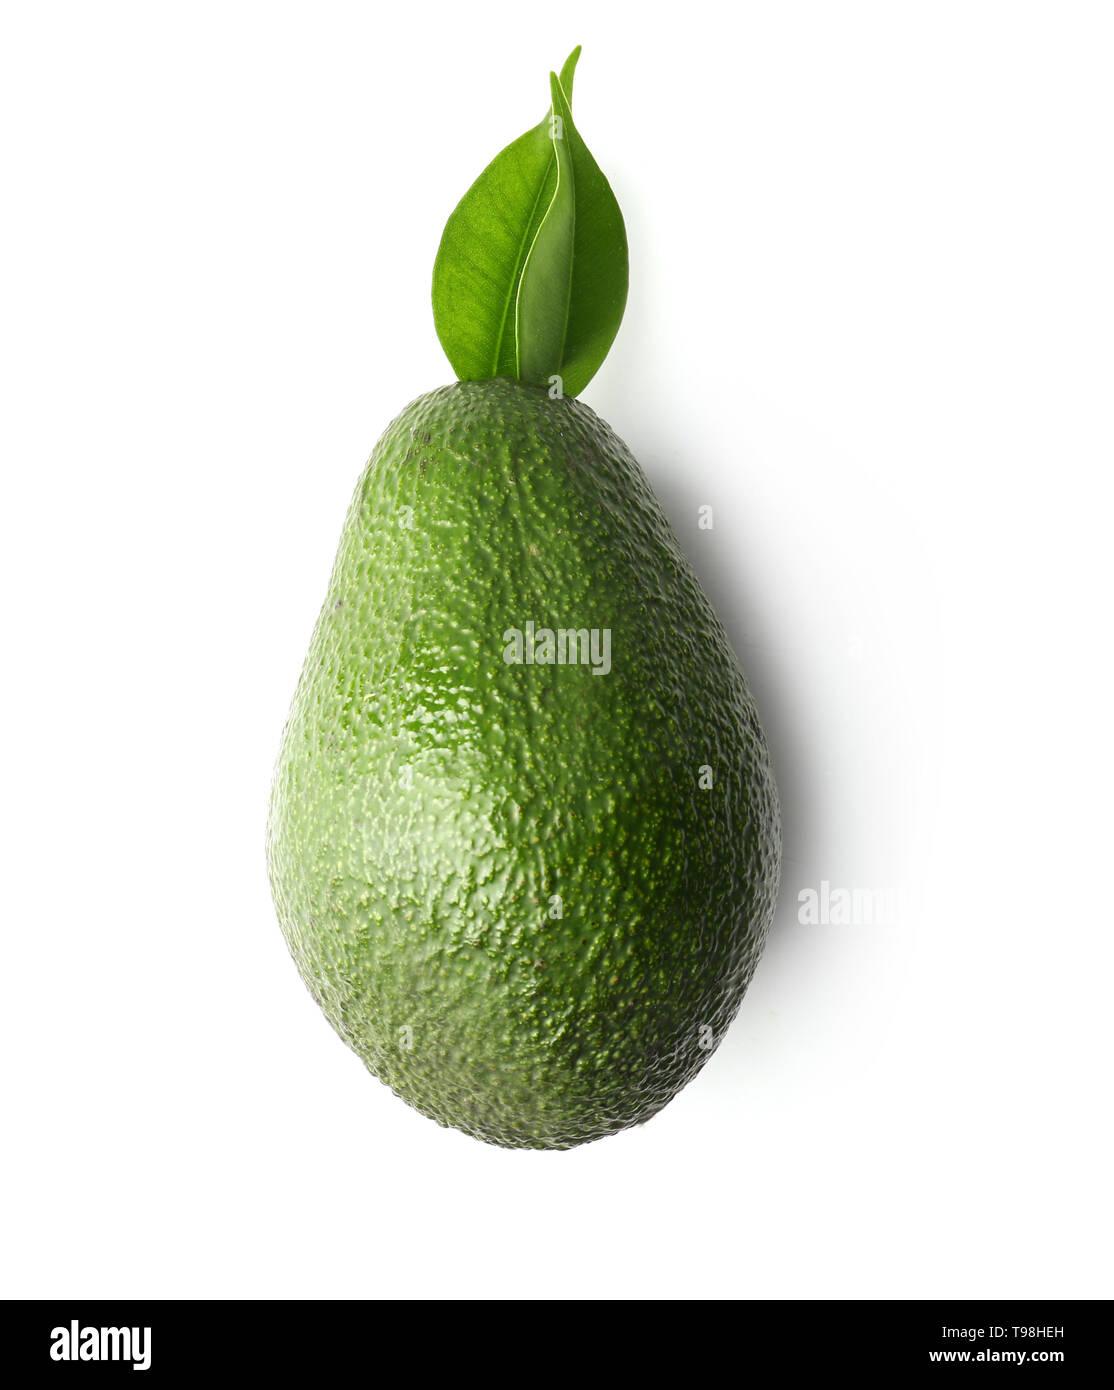 Ripe fresh avocado on white background - Stock Image